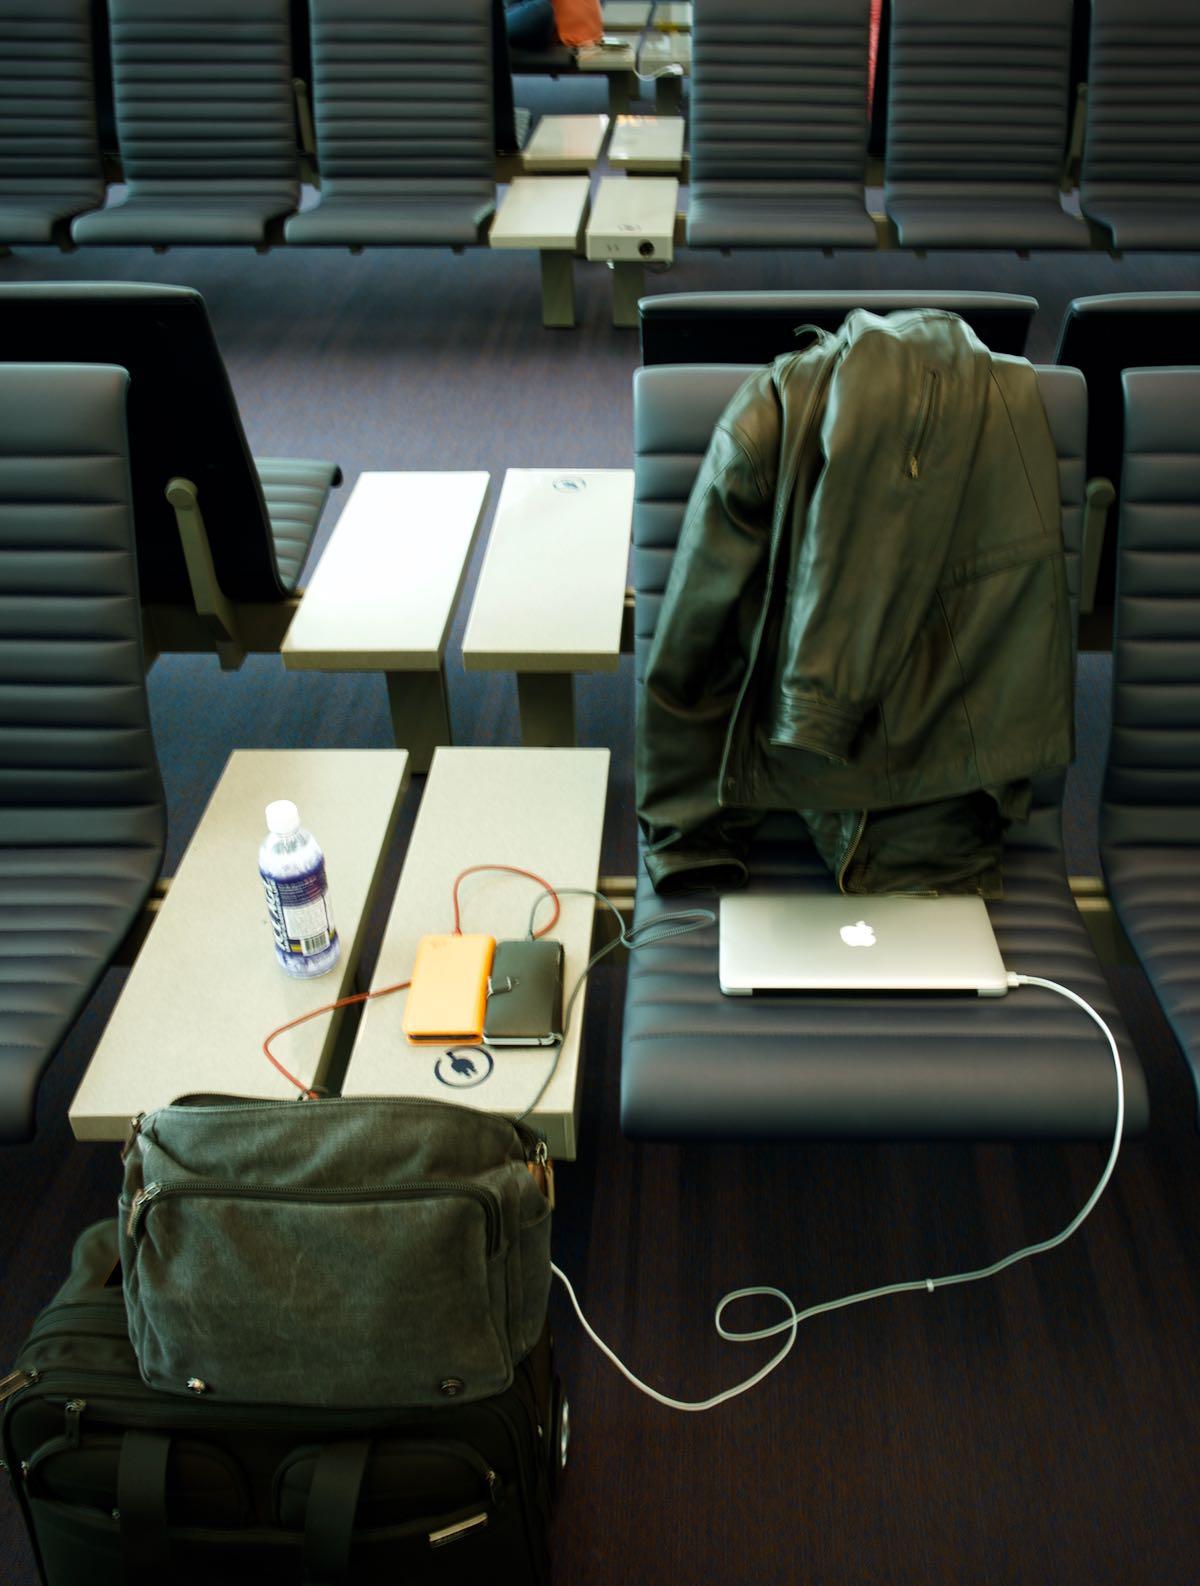 電源完備のベンチで店開き DMC-GX8 + LEICA DG 12-60mm